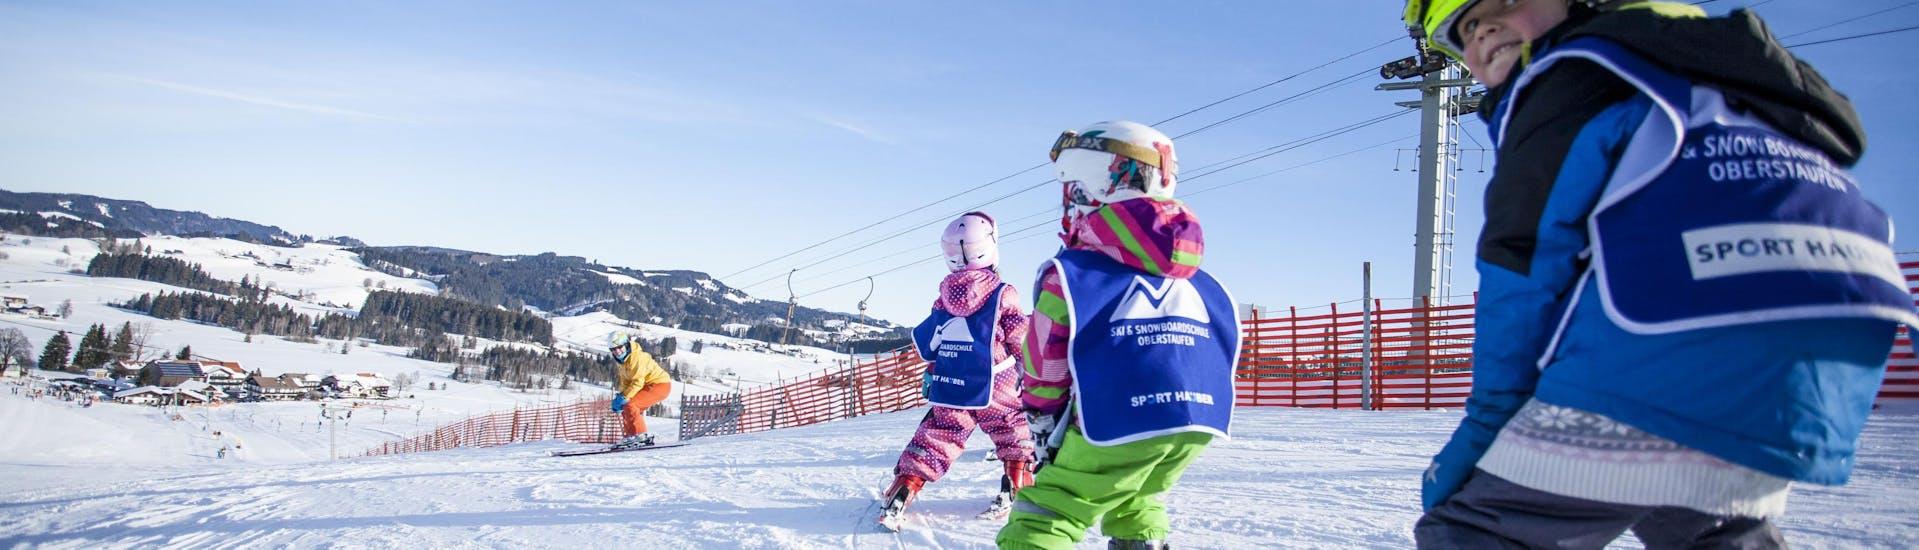 Kids Ski Lessons (5-15 years) on Hündle - All Levels met Skischule Oberstaufen - Hero image